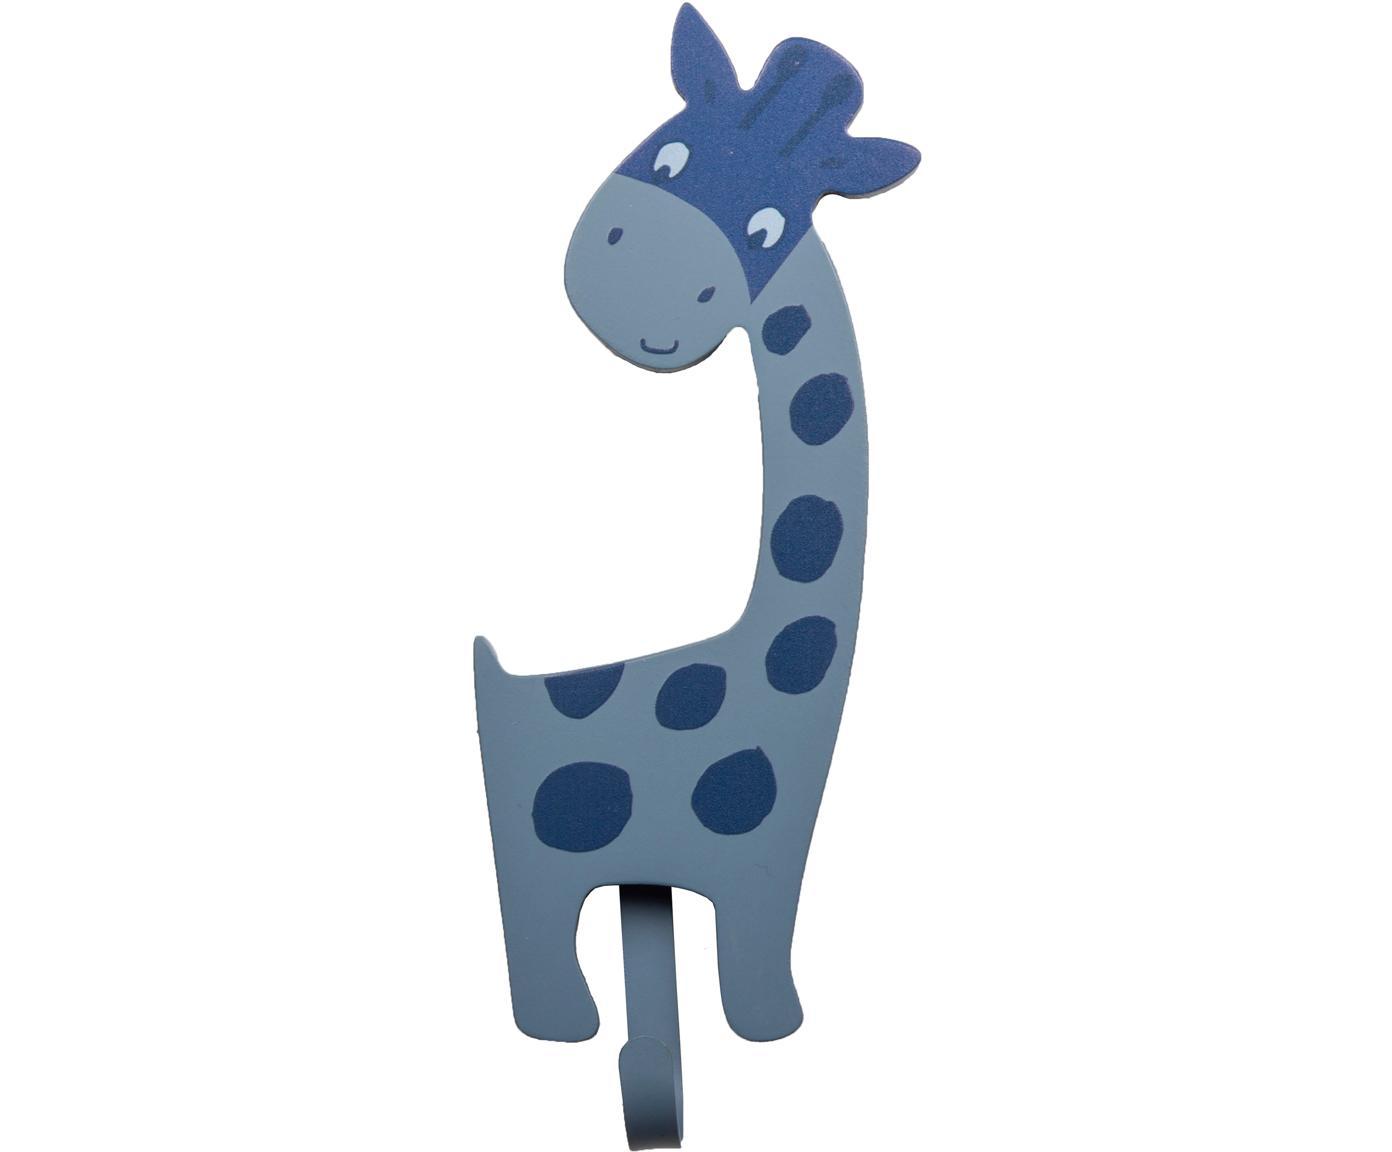 Hak ścienny Giraffa, Płyta pilśniowa średniej gęstości (MDF), metal, Niebieski, S 9 x W 23 cm